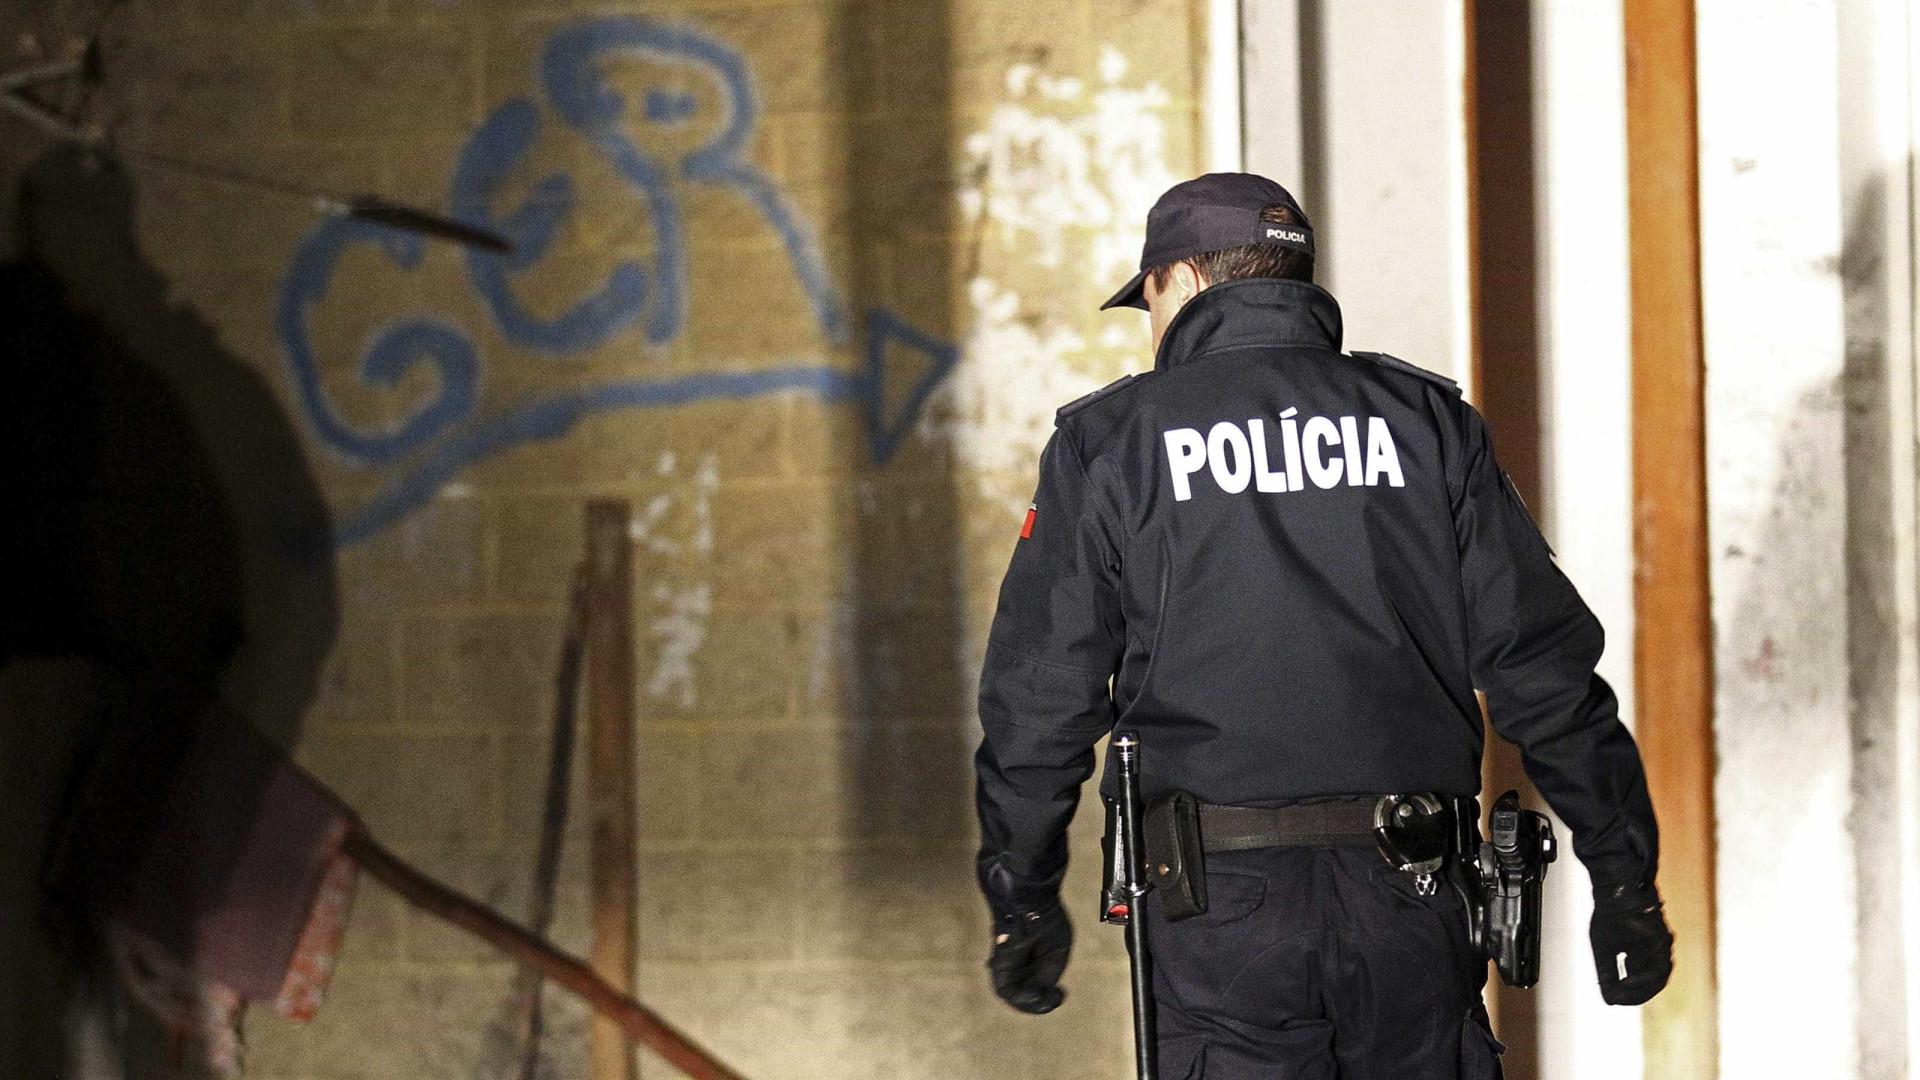 PSP de Lisboa deteve 32 pessoas nas últimas 24 horas